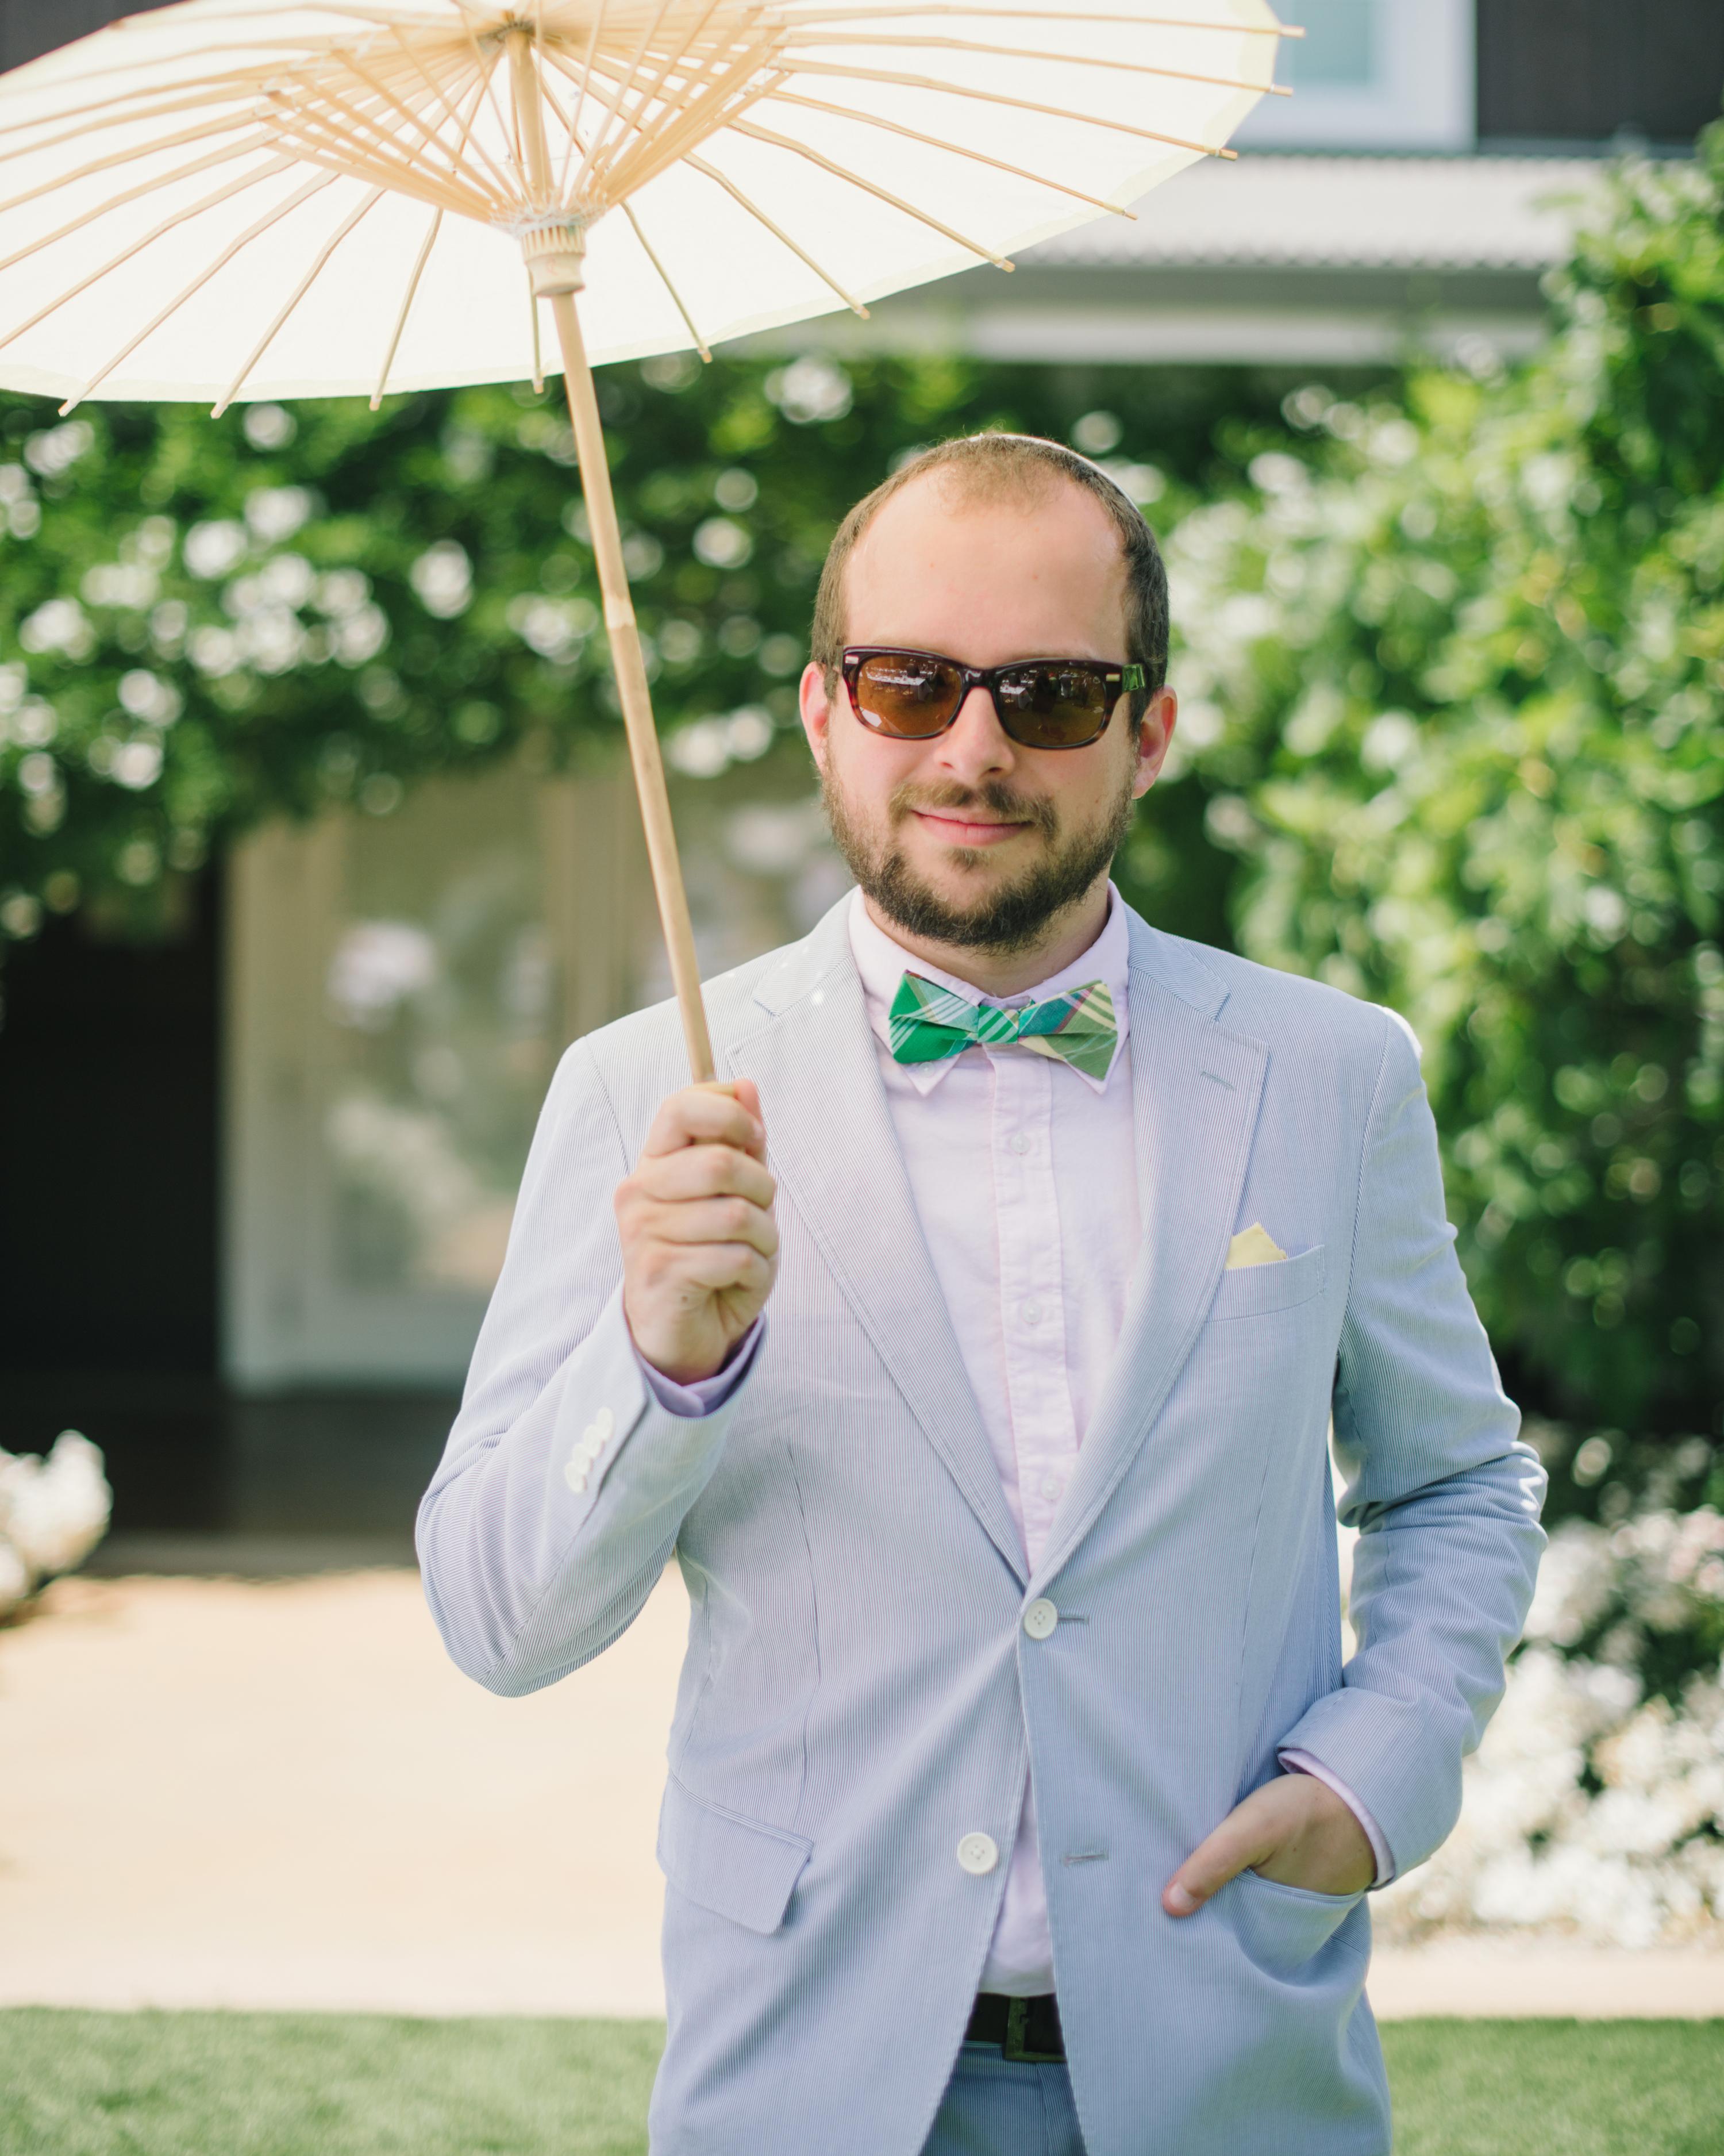 vanessa-joe-wedding-parasol-7960-s111736-1214.jpg